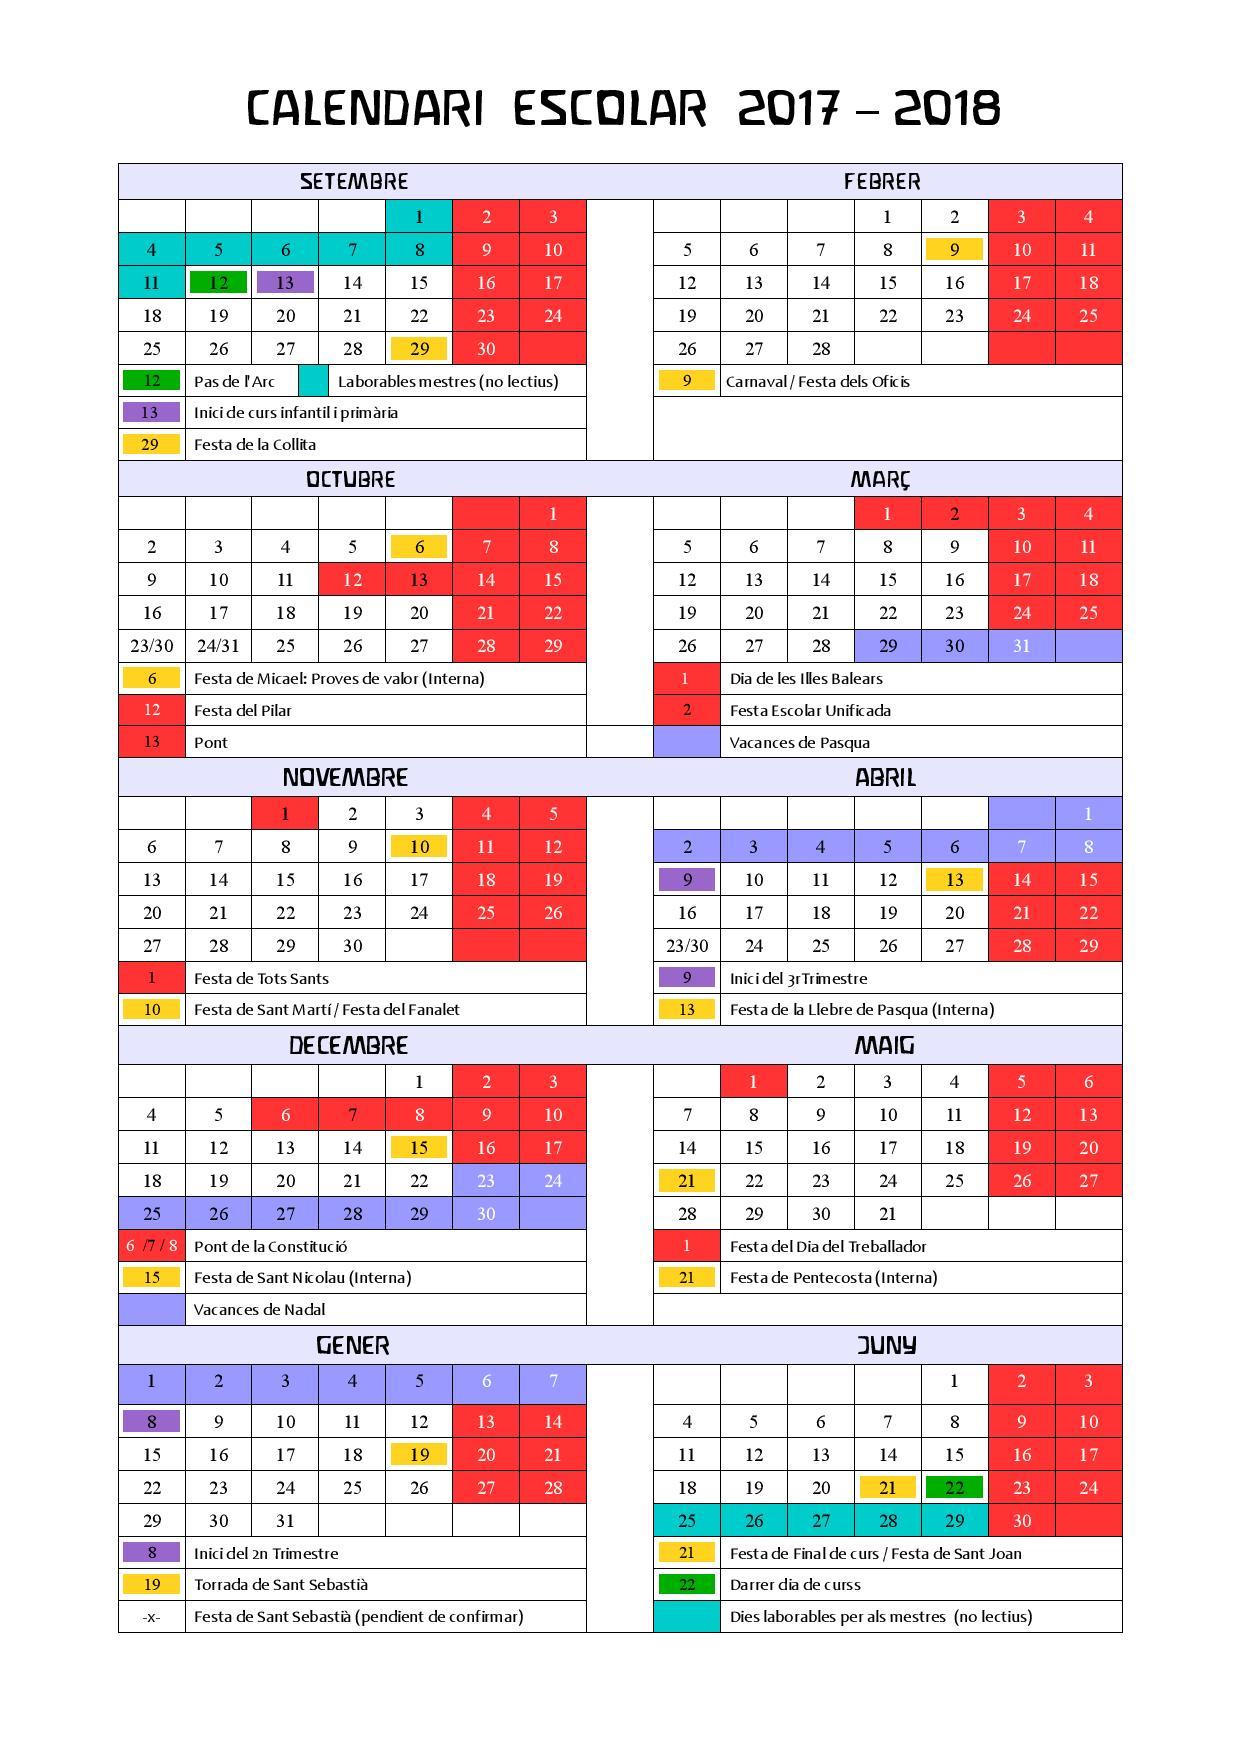 Escolasofia Calendari Escolar 2017-18